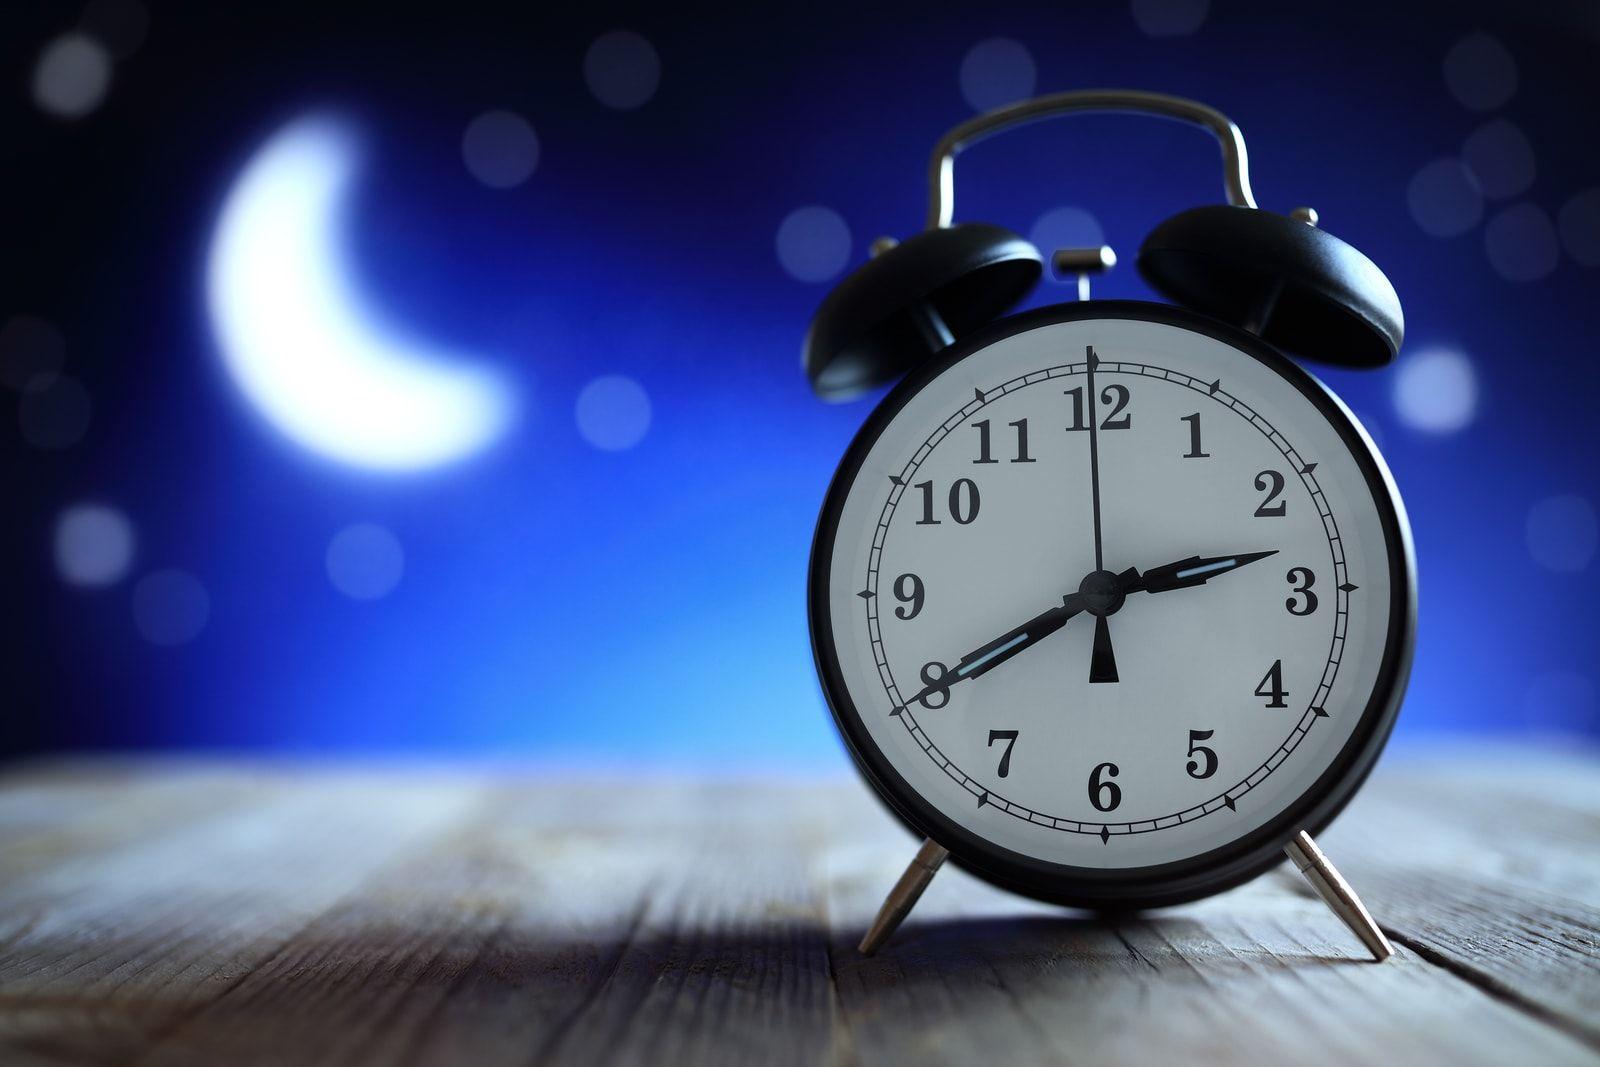 Правила здорового сна и полноценного отдыха - изображение 1